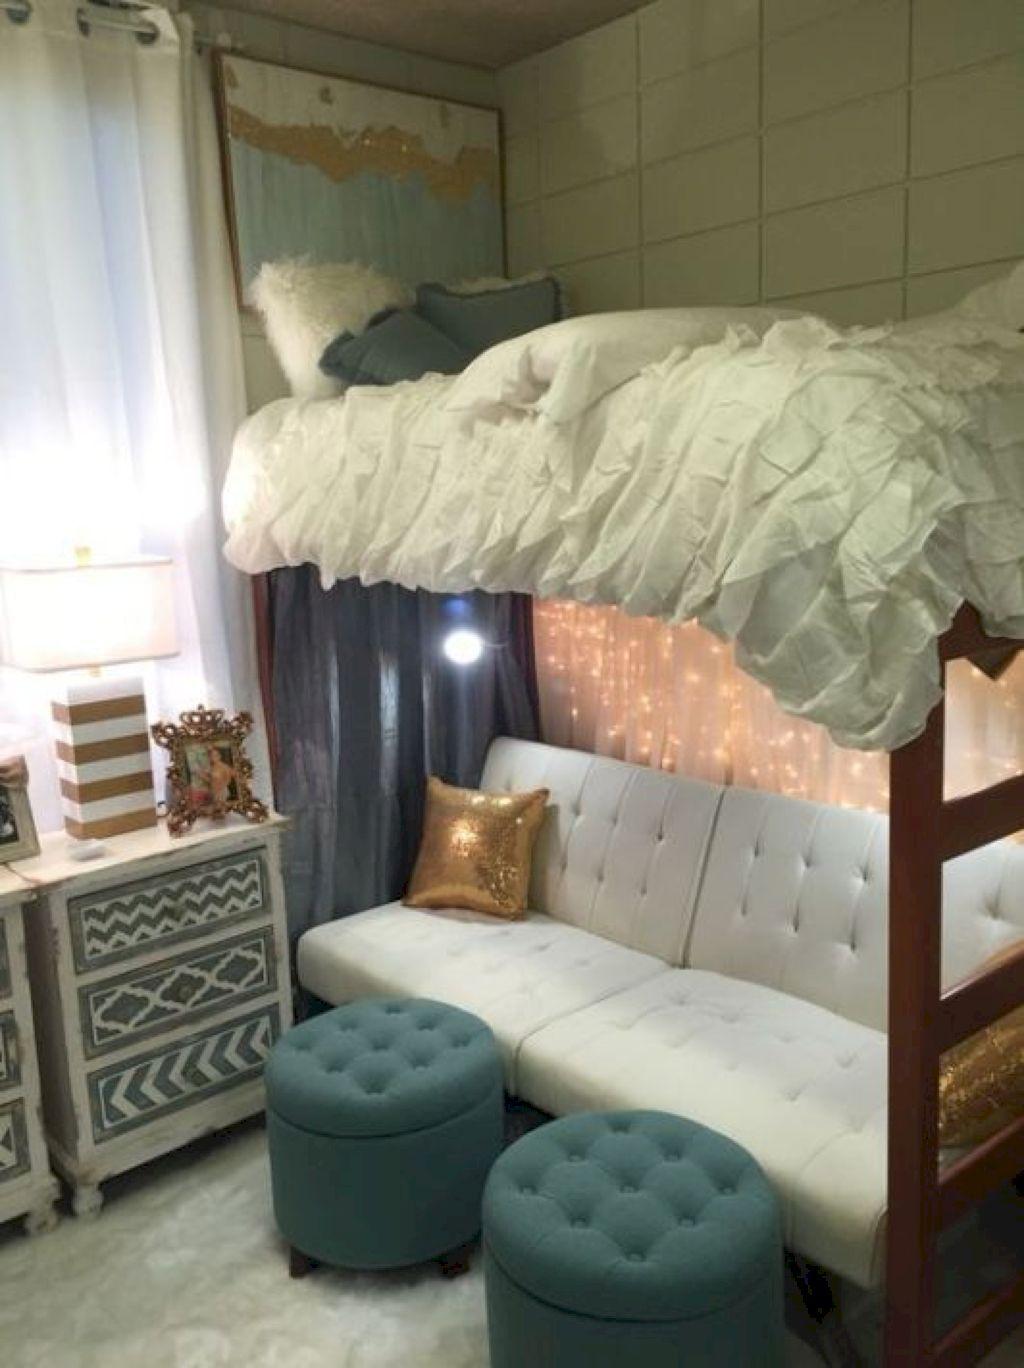 77 Comfy Bedroom Decor Ideas | Deco chambre, Fêtes et Décorations